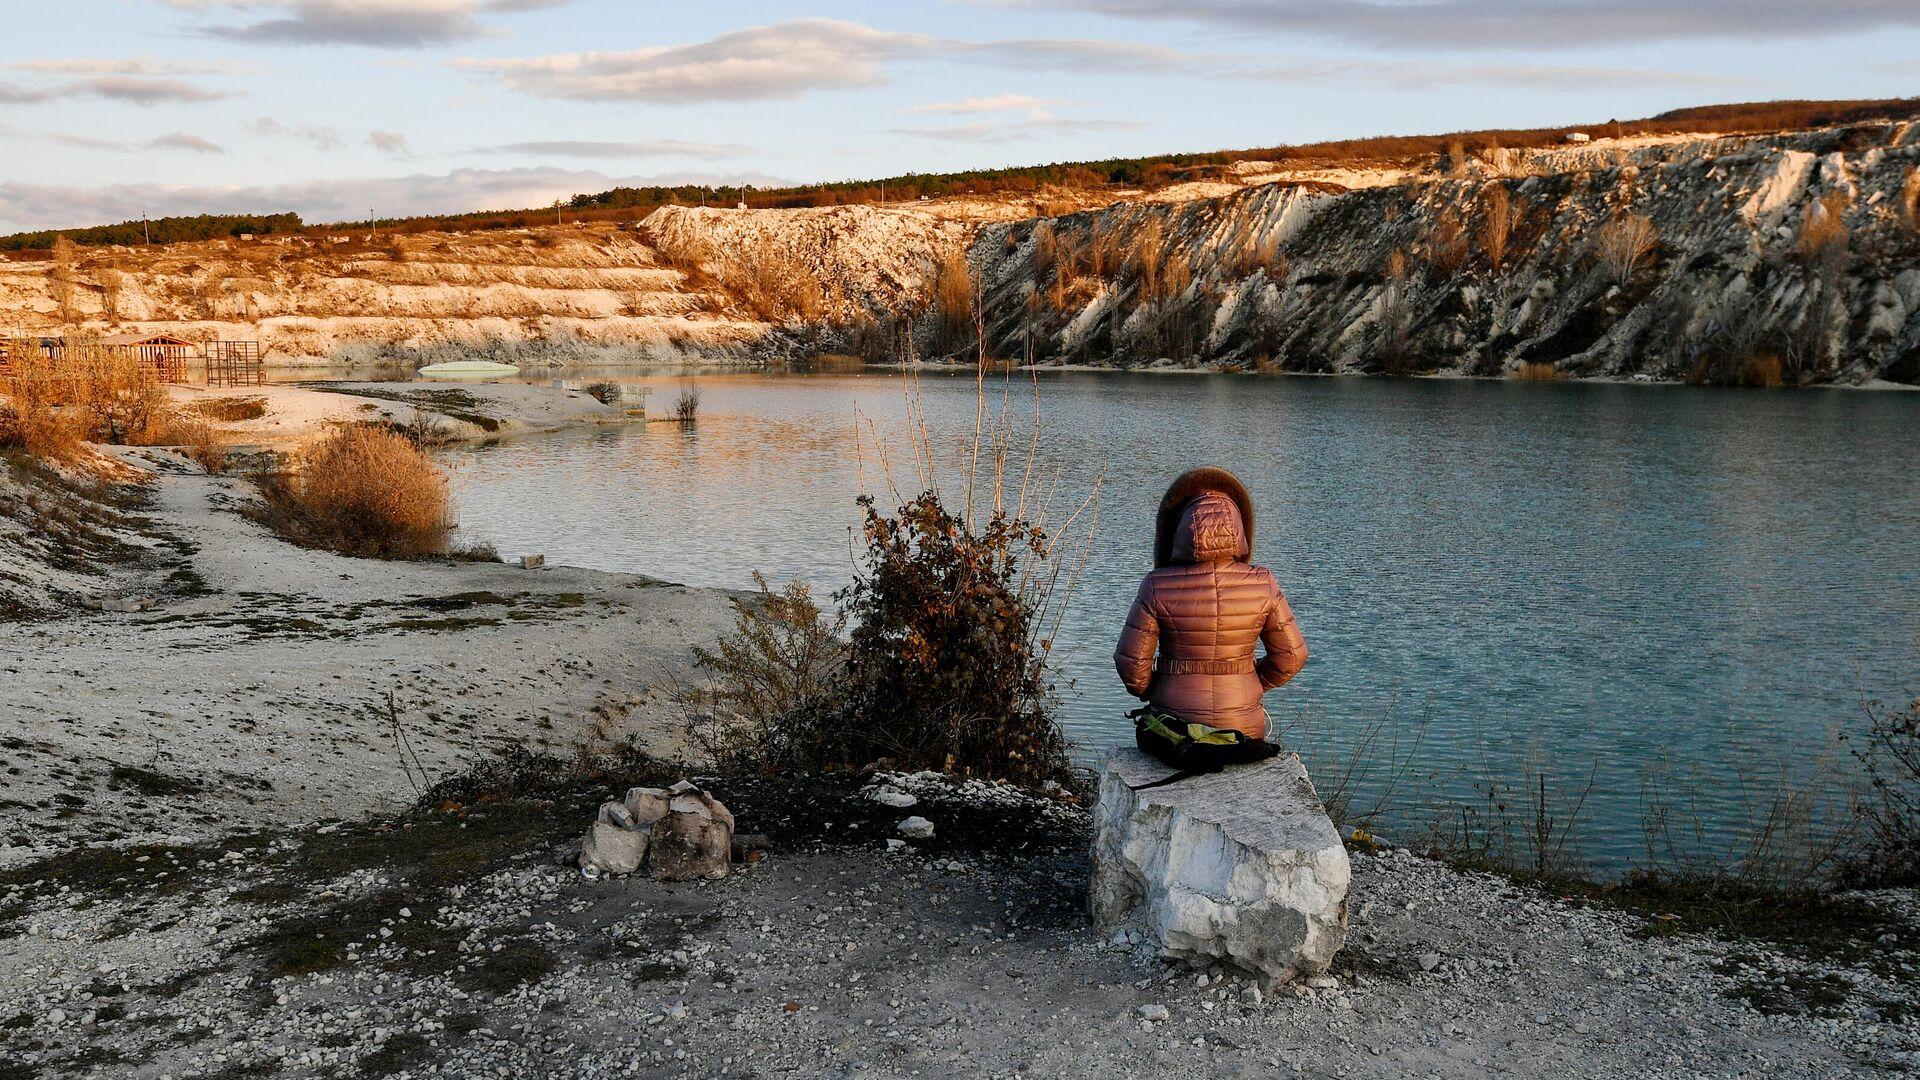 Девушка около Марсианского озера в селе Скалистое в Крыму - РИА Новости, 1920, 30.12.2020